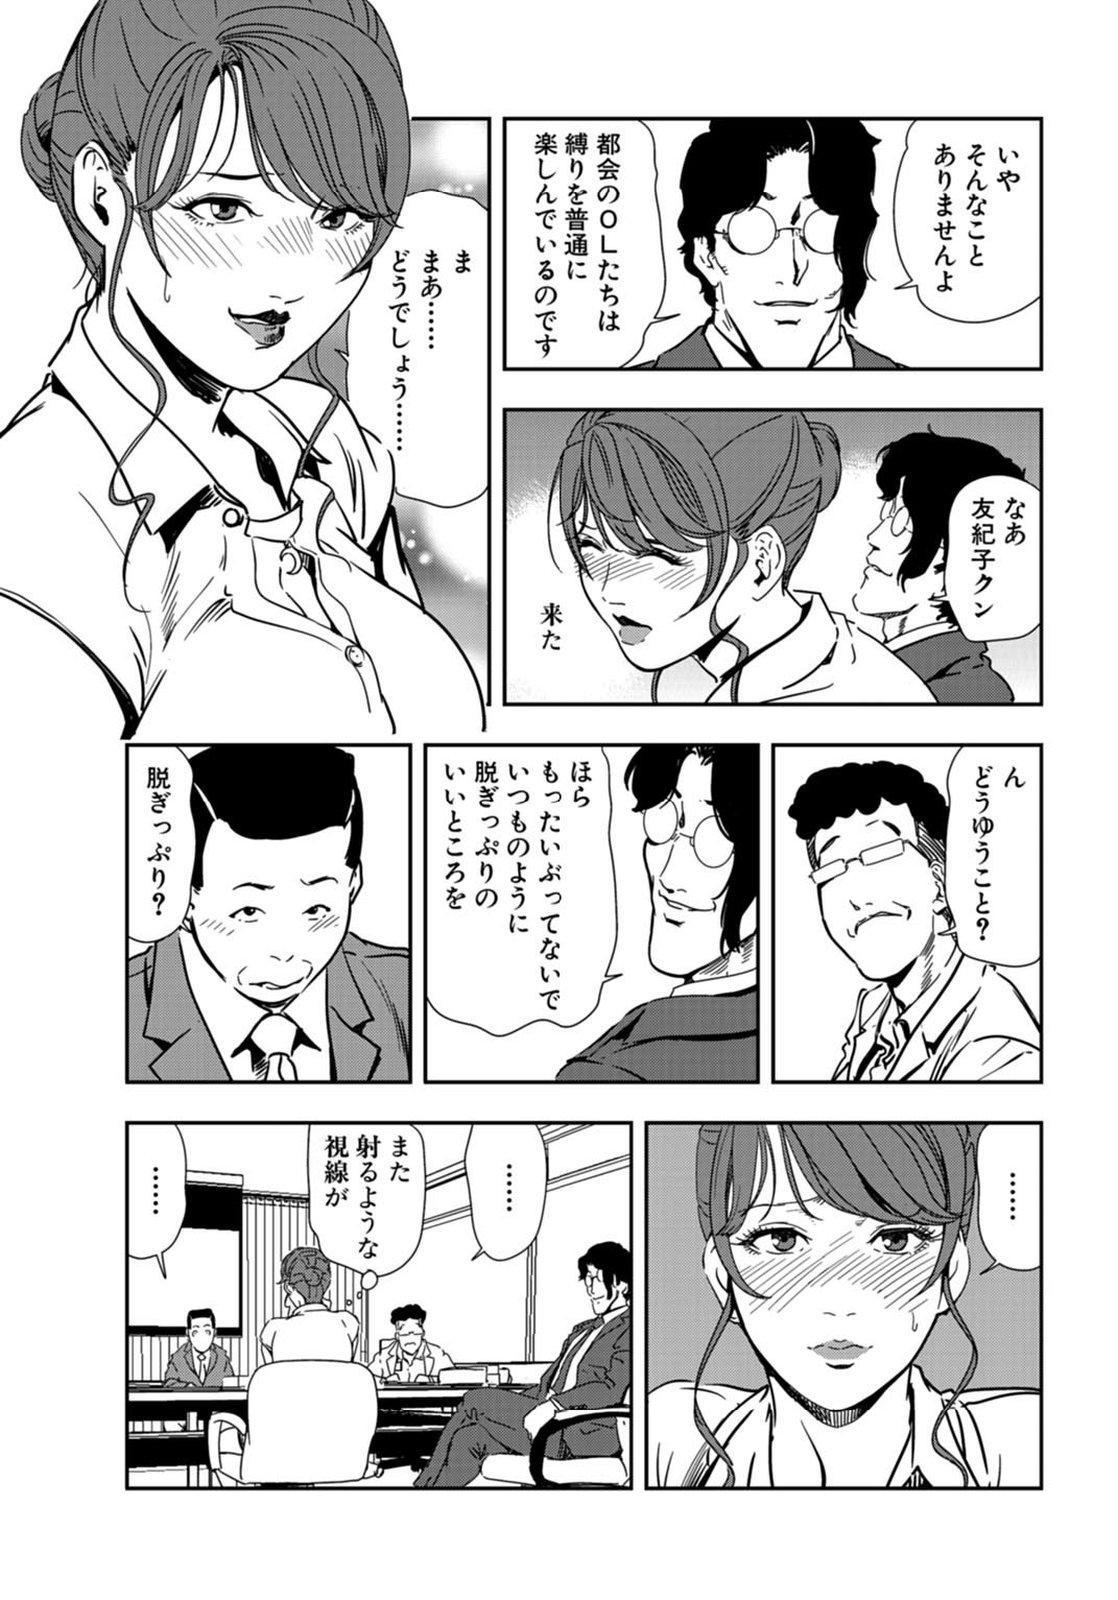 Nikuhisyo Yukiko 21 8